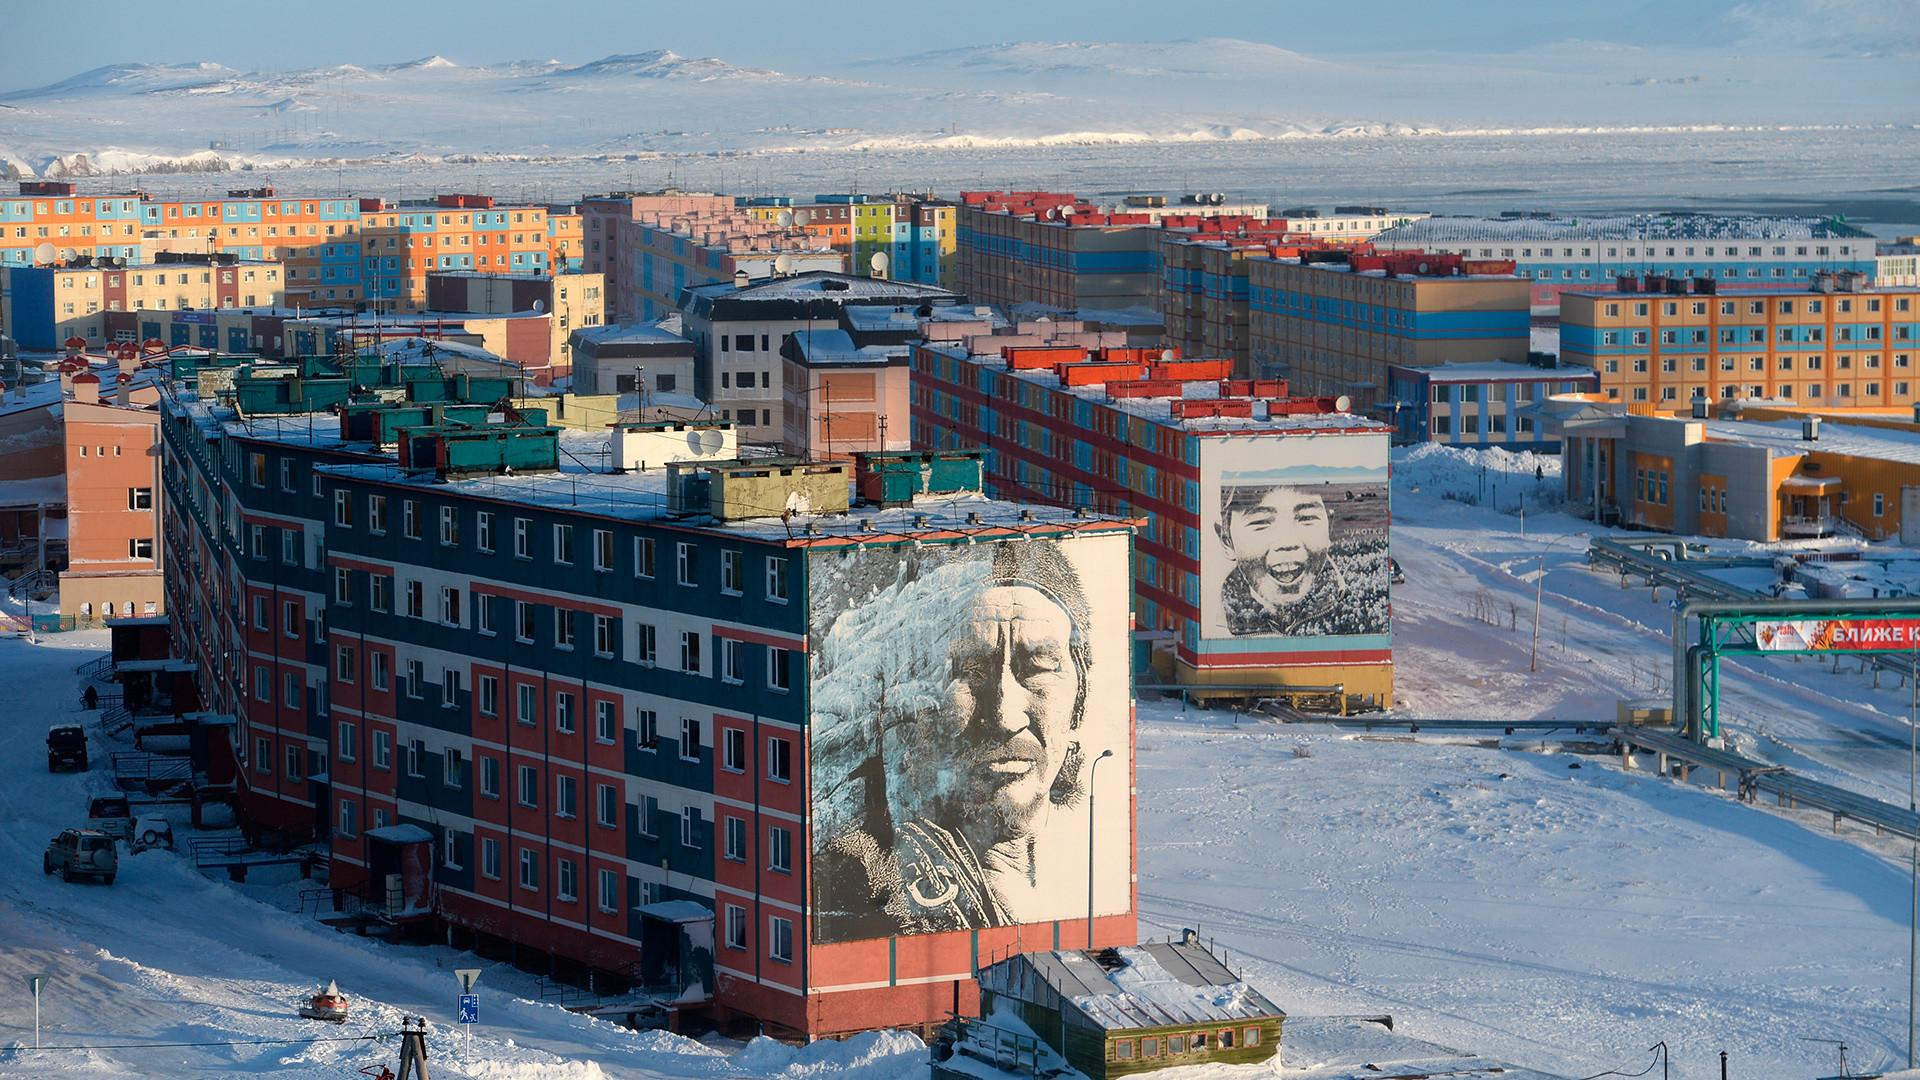 Stambene zgrade u današnjem Anadiru, glavnom gradu Čukotskog autonomnog okruga Ruske Federacije.